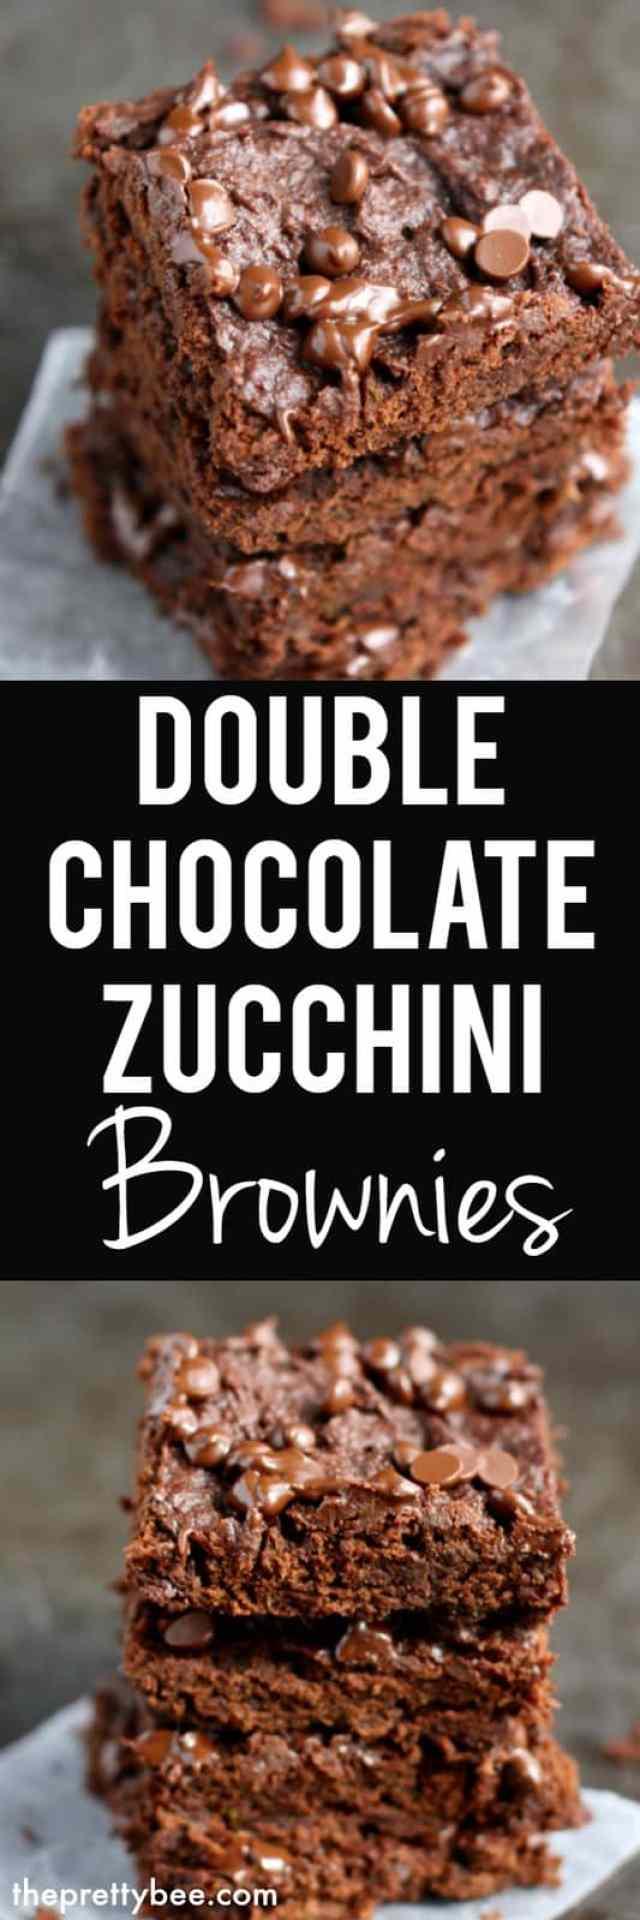 gluten free vegan zucchini brownies